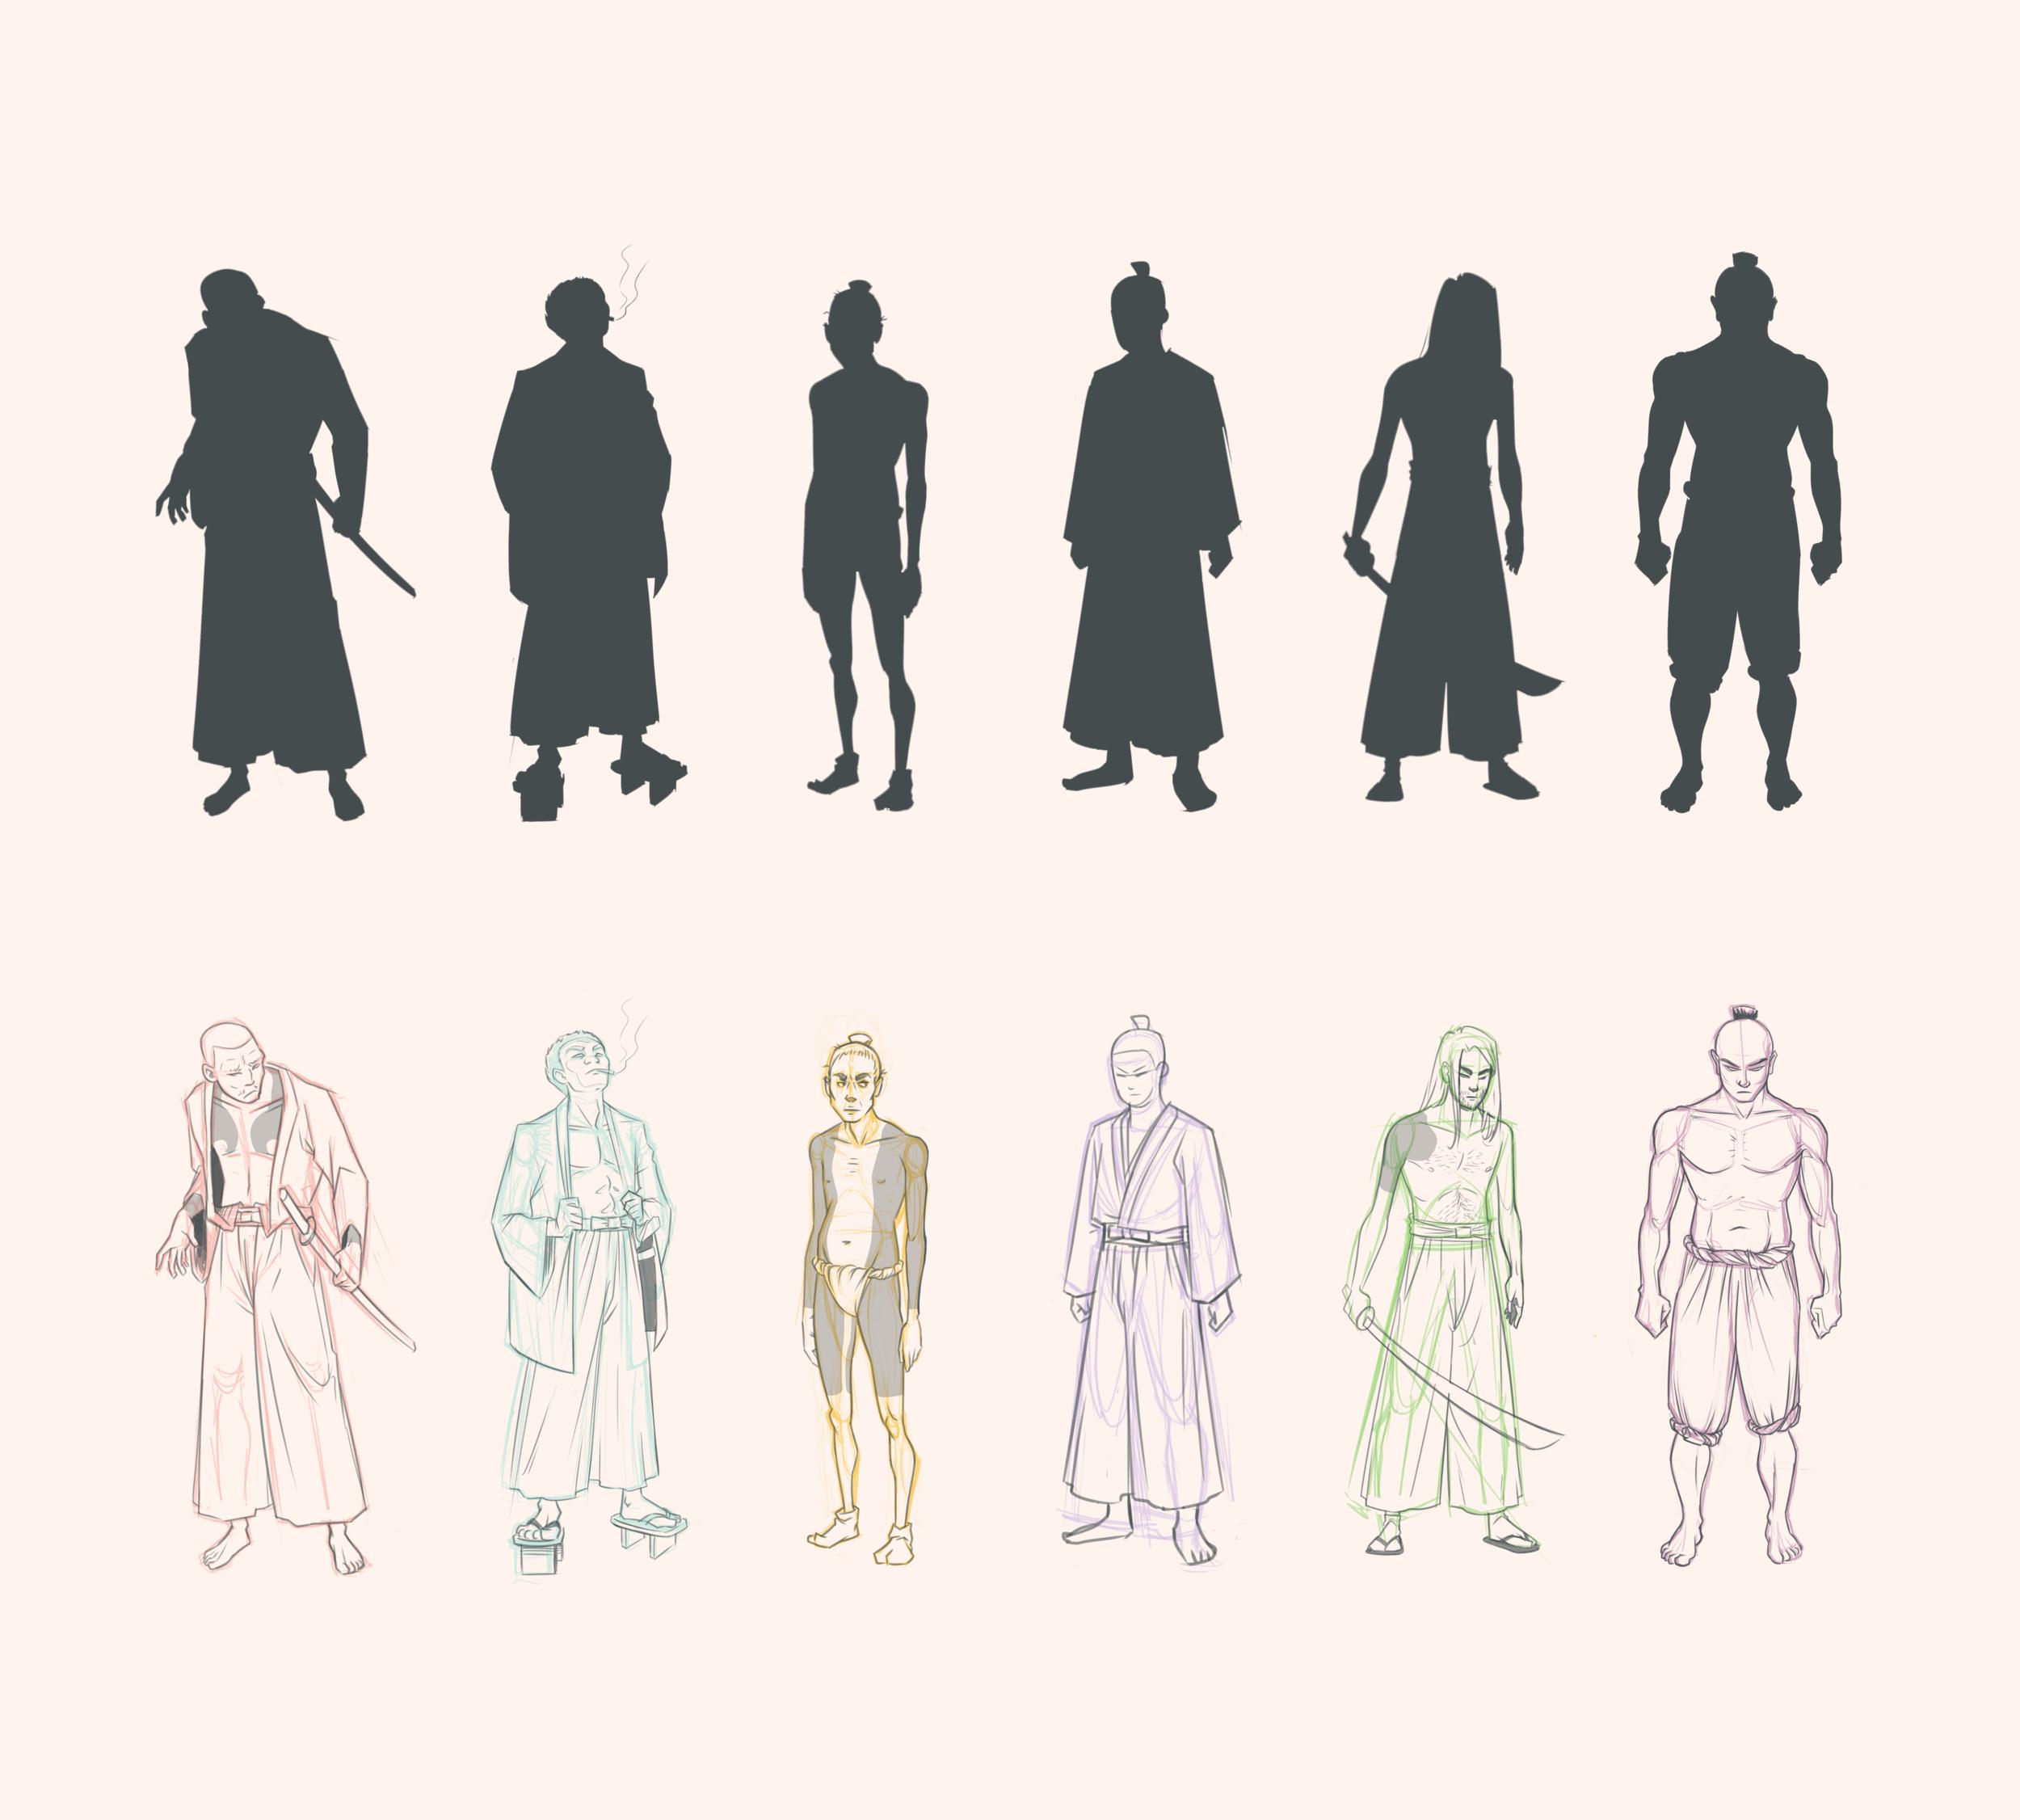 Swordsmen designs4.png